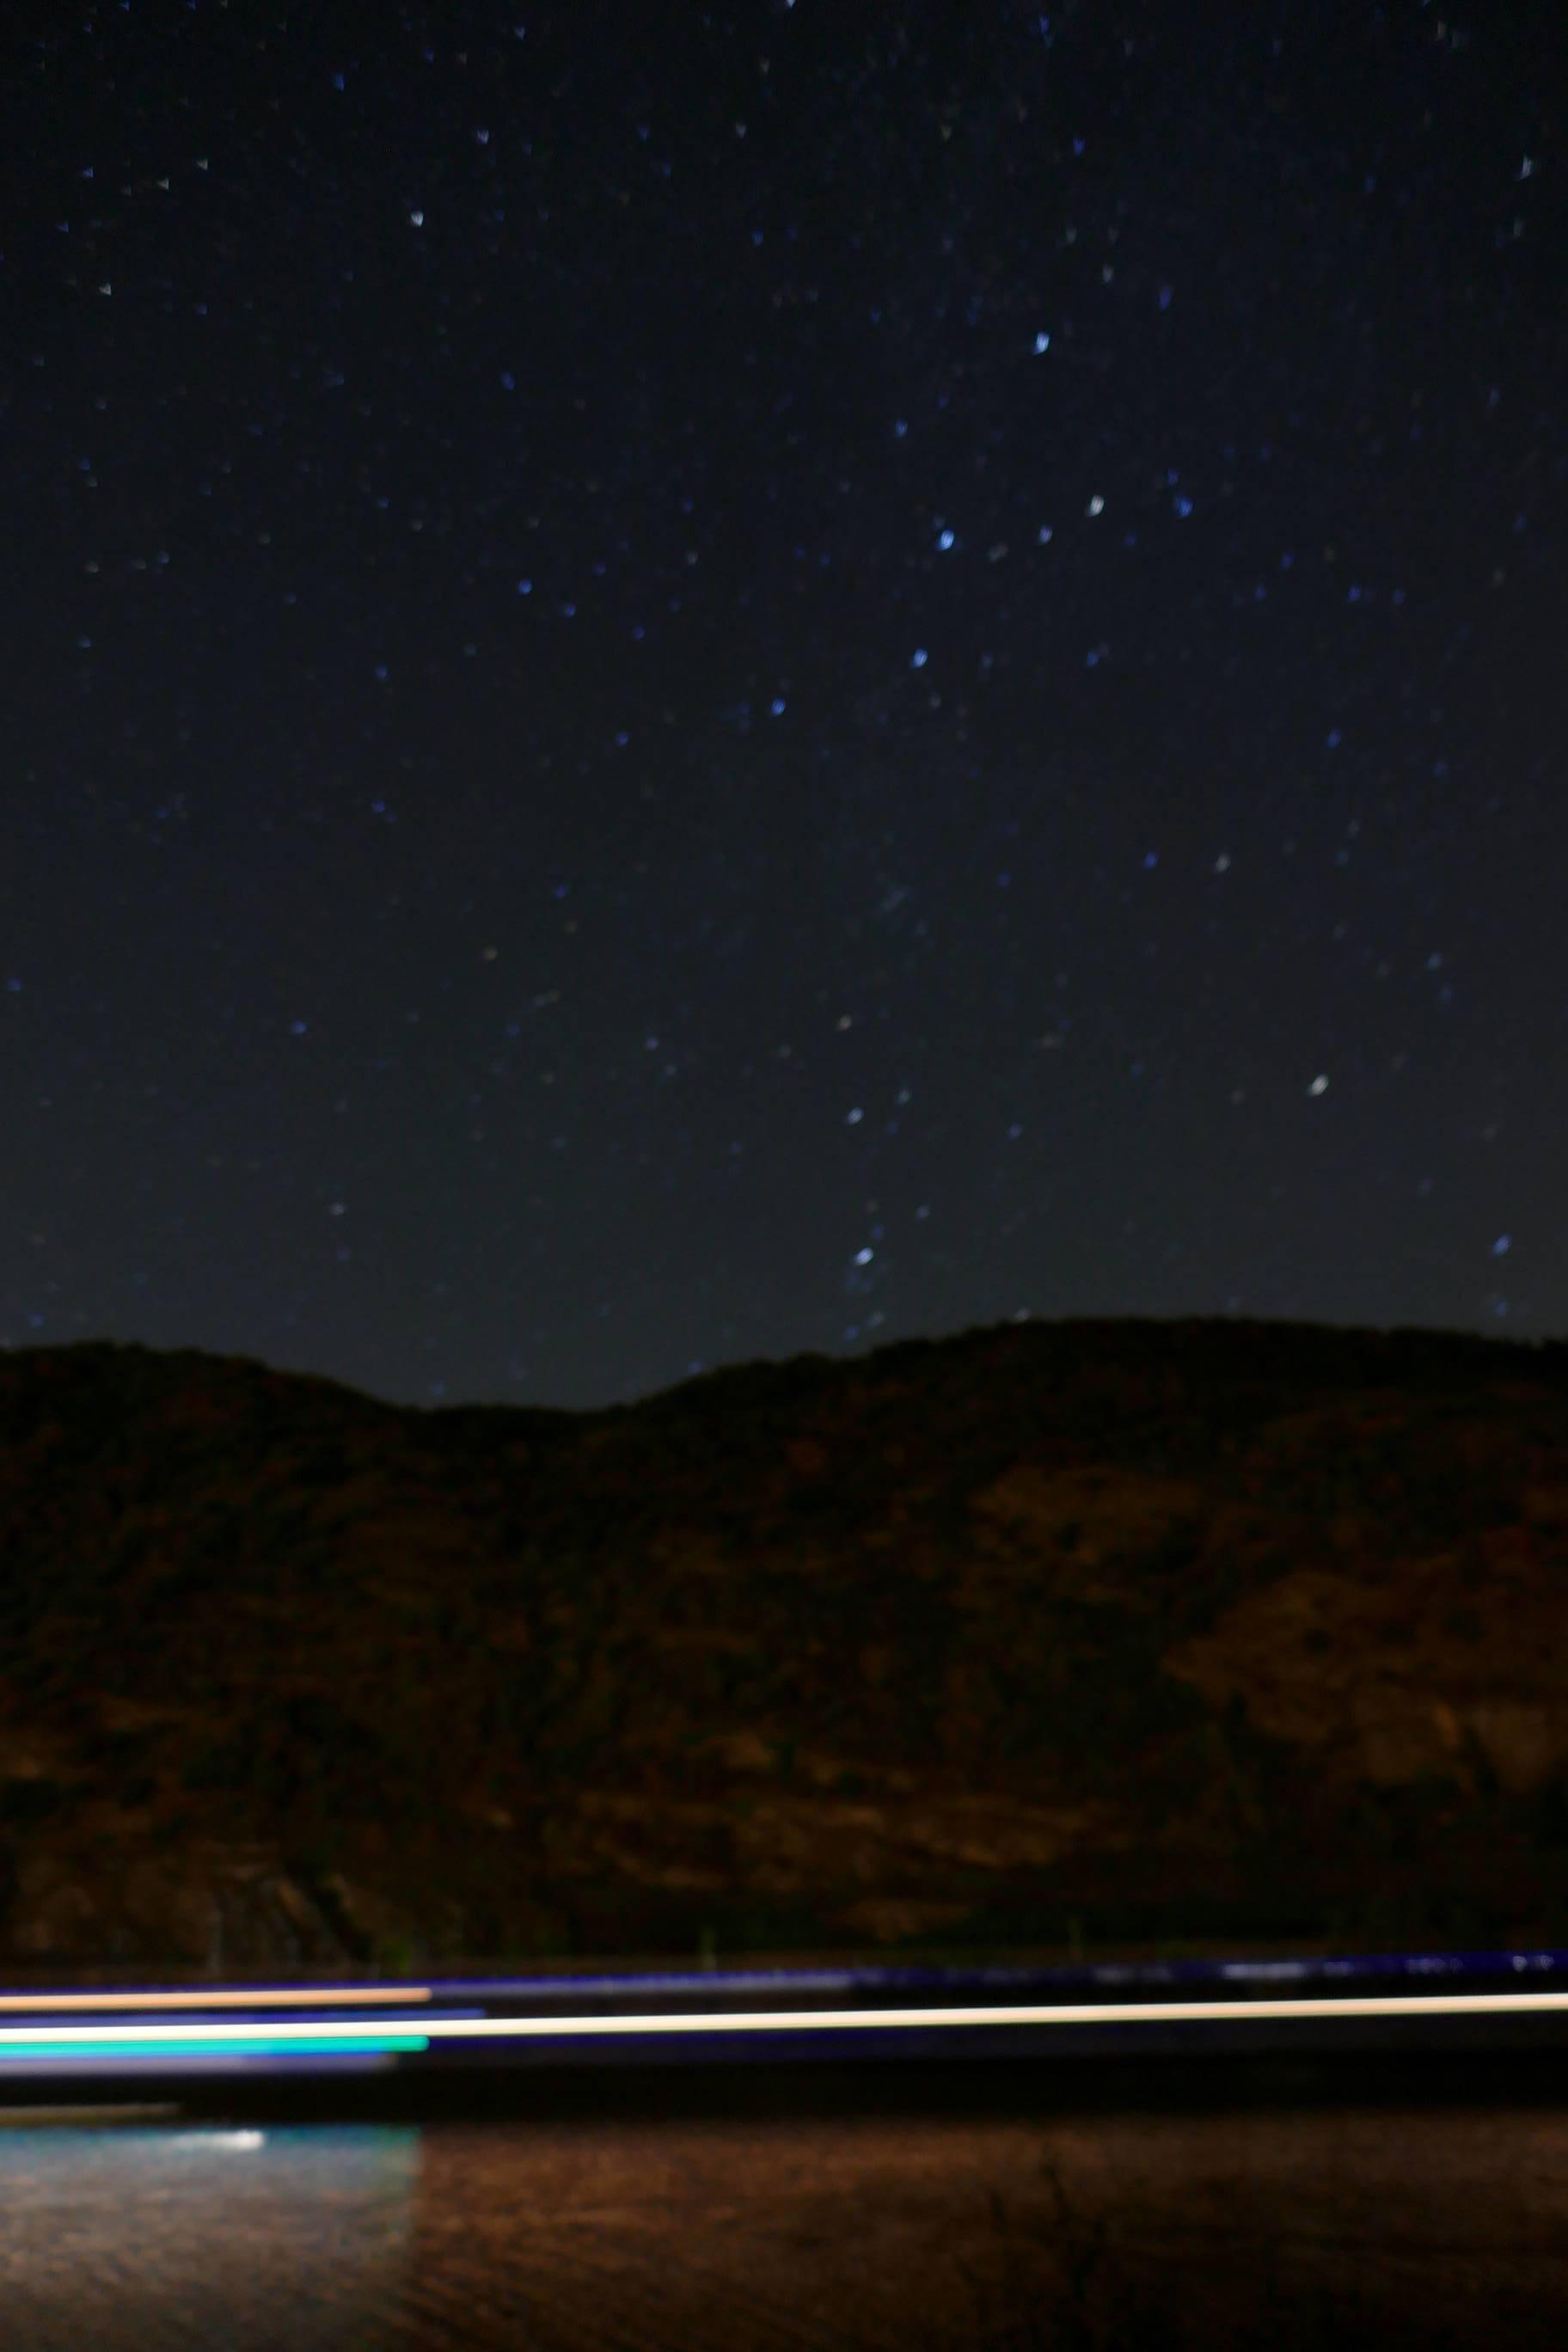 freie Sicht auf die Milchstraße - etwas verwackelt...